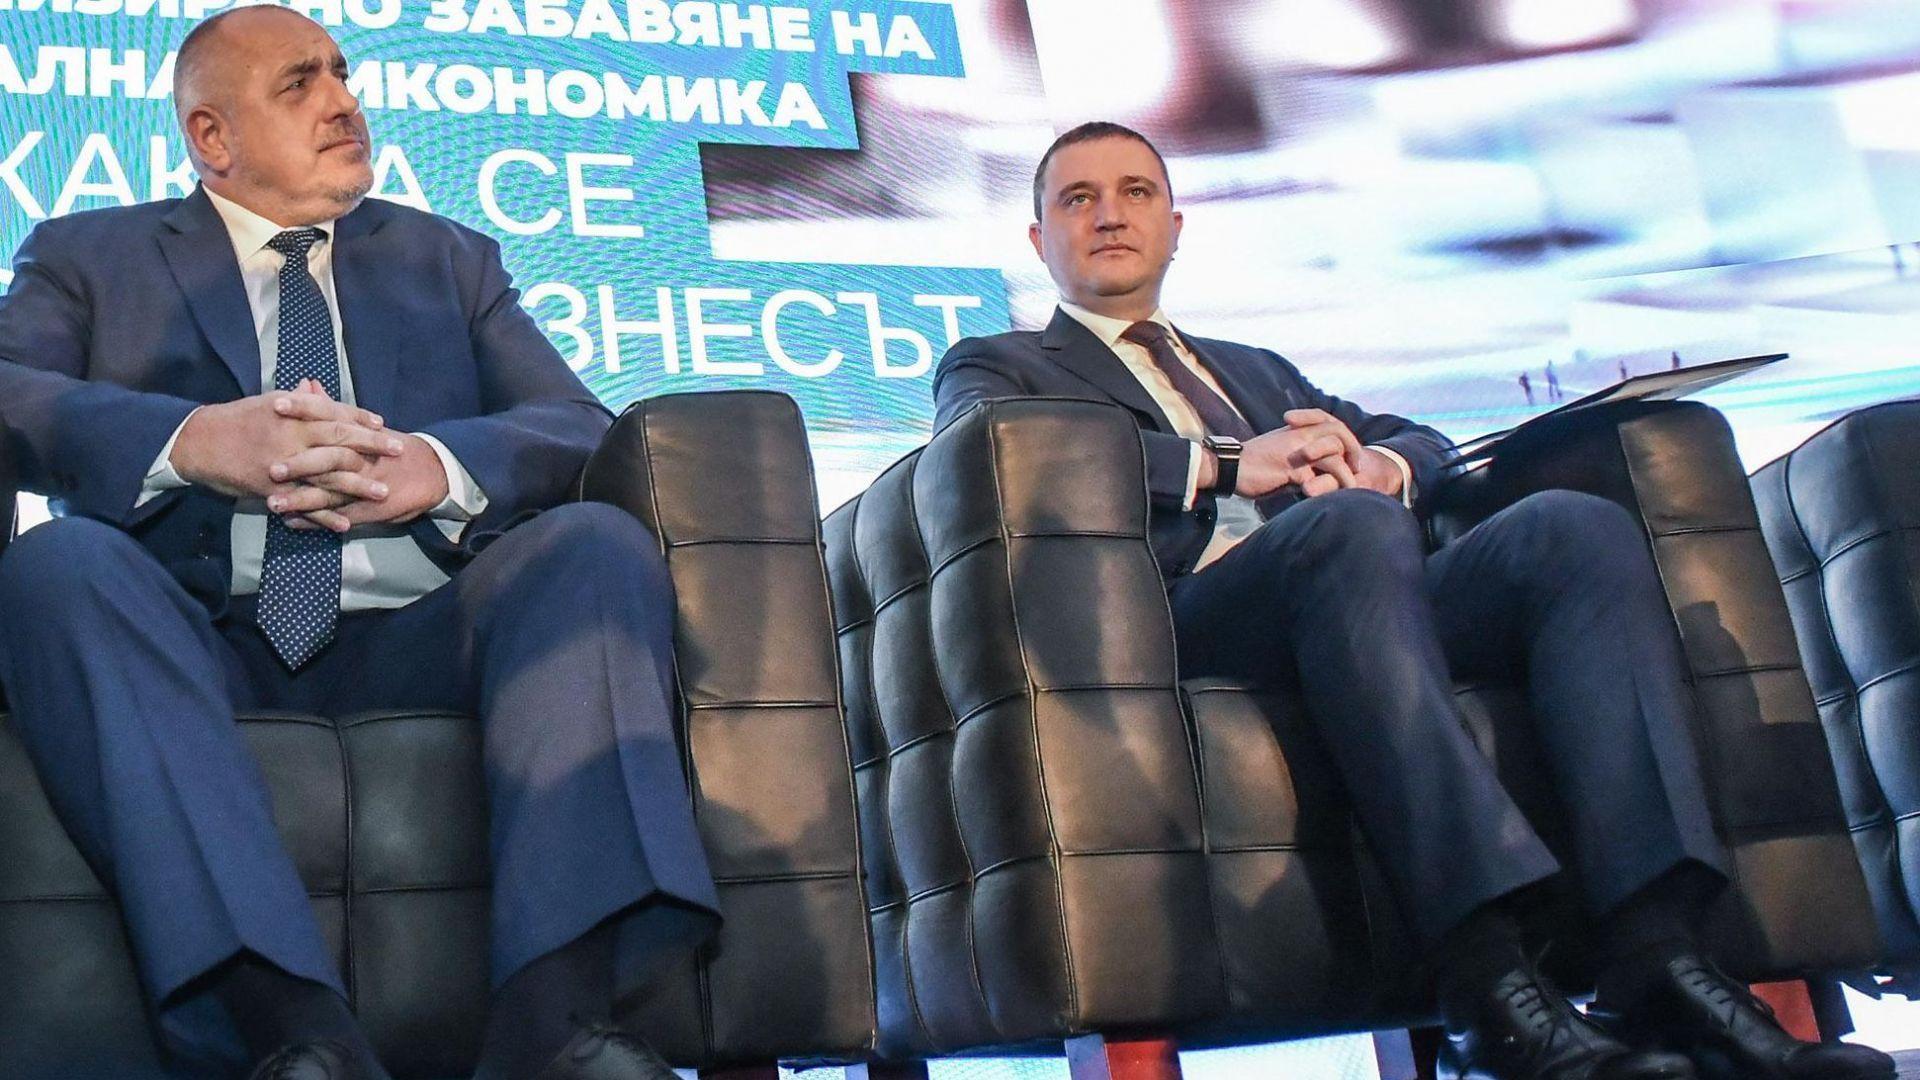 Разпитаха Борисов, Горанов и Стоянова по разследването срещу Божков